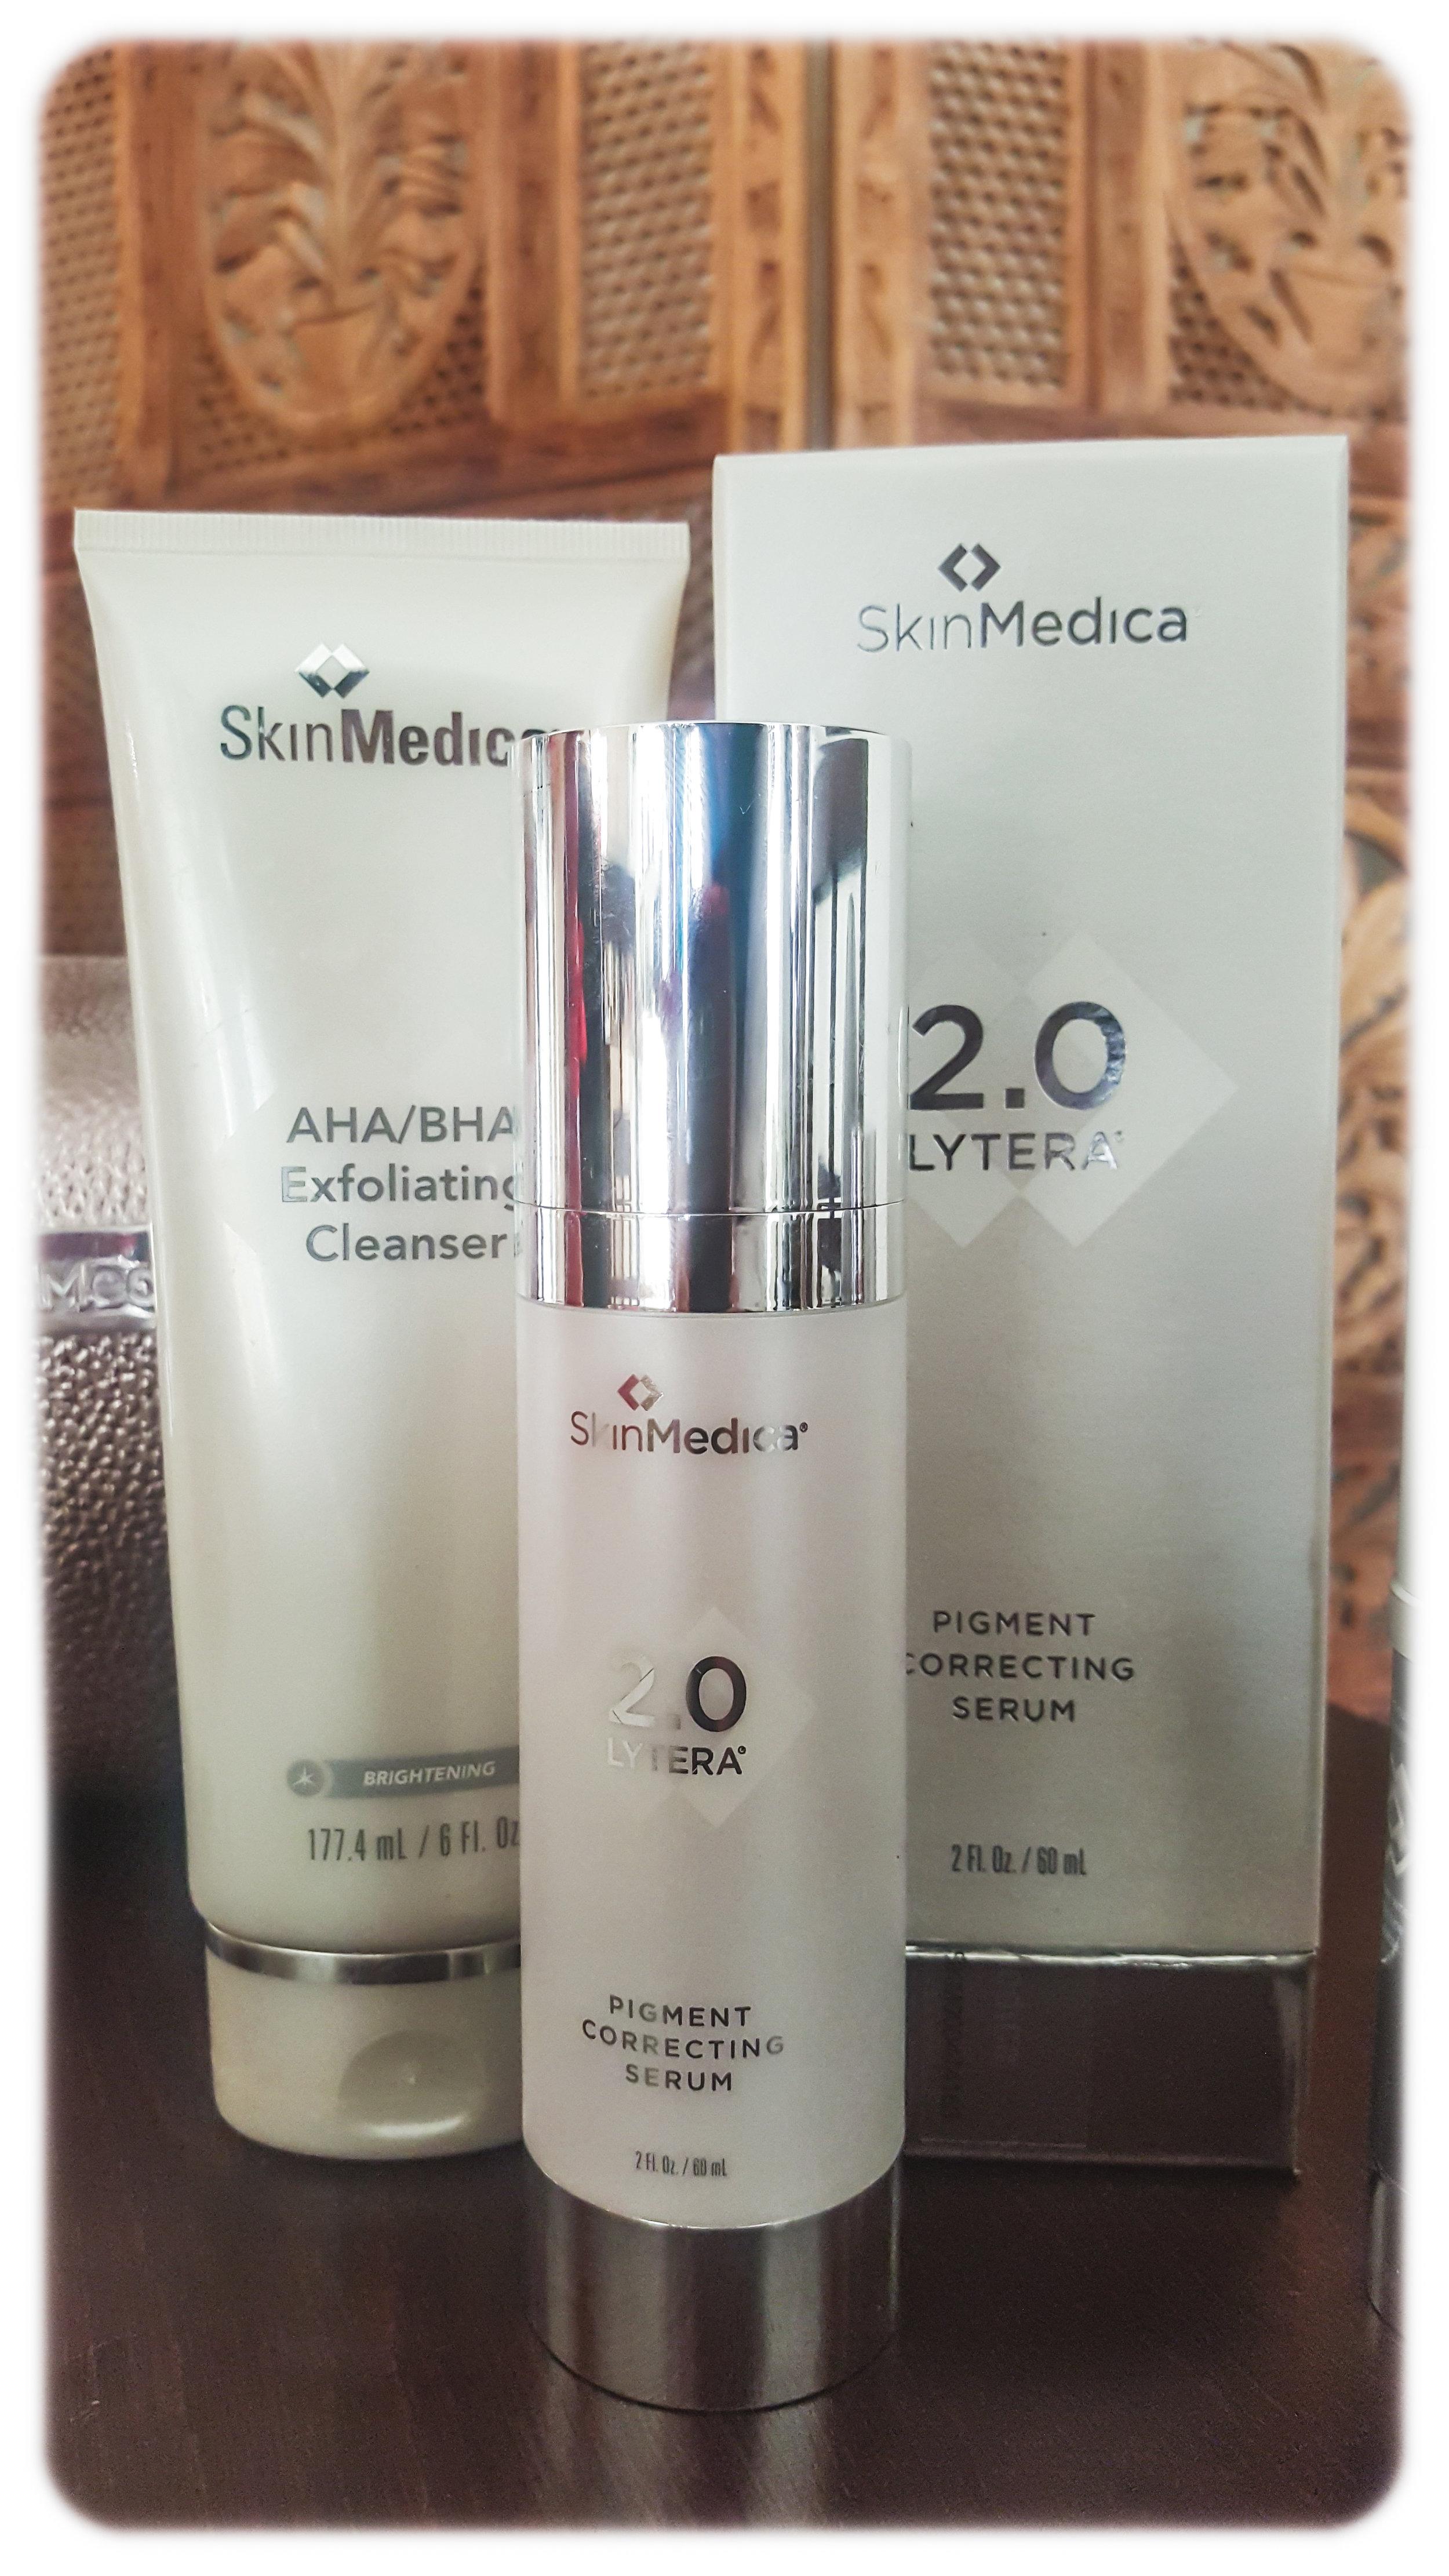 SkinMedica -